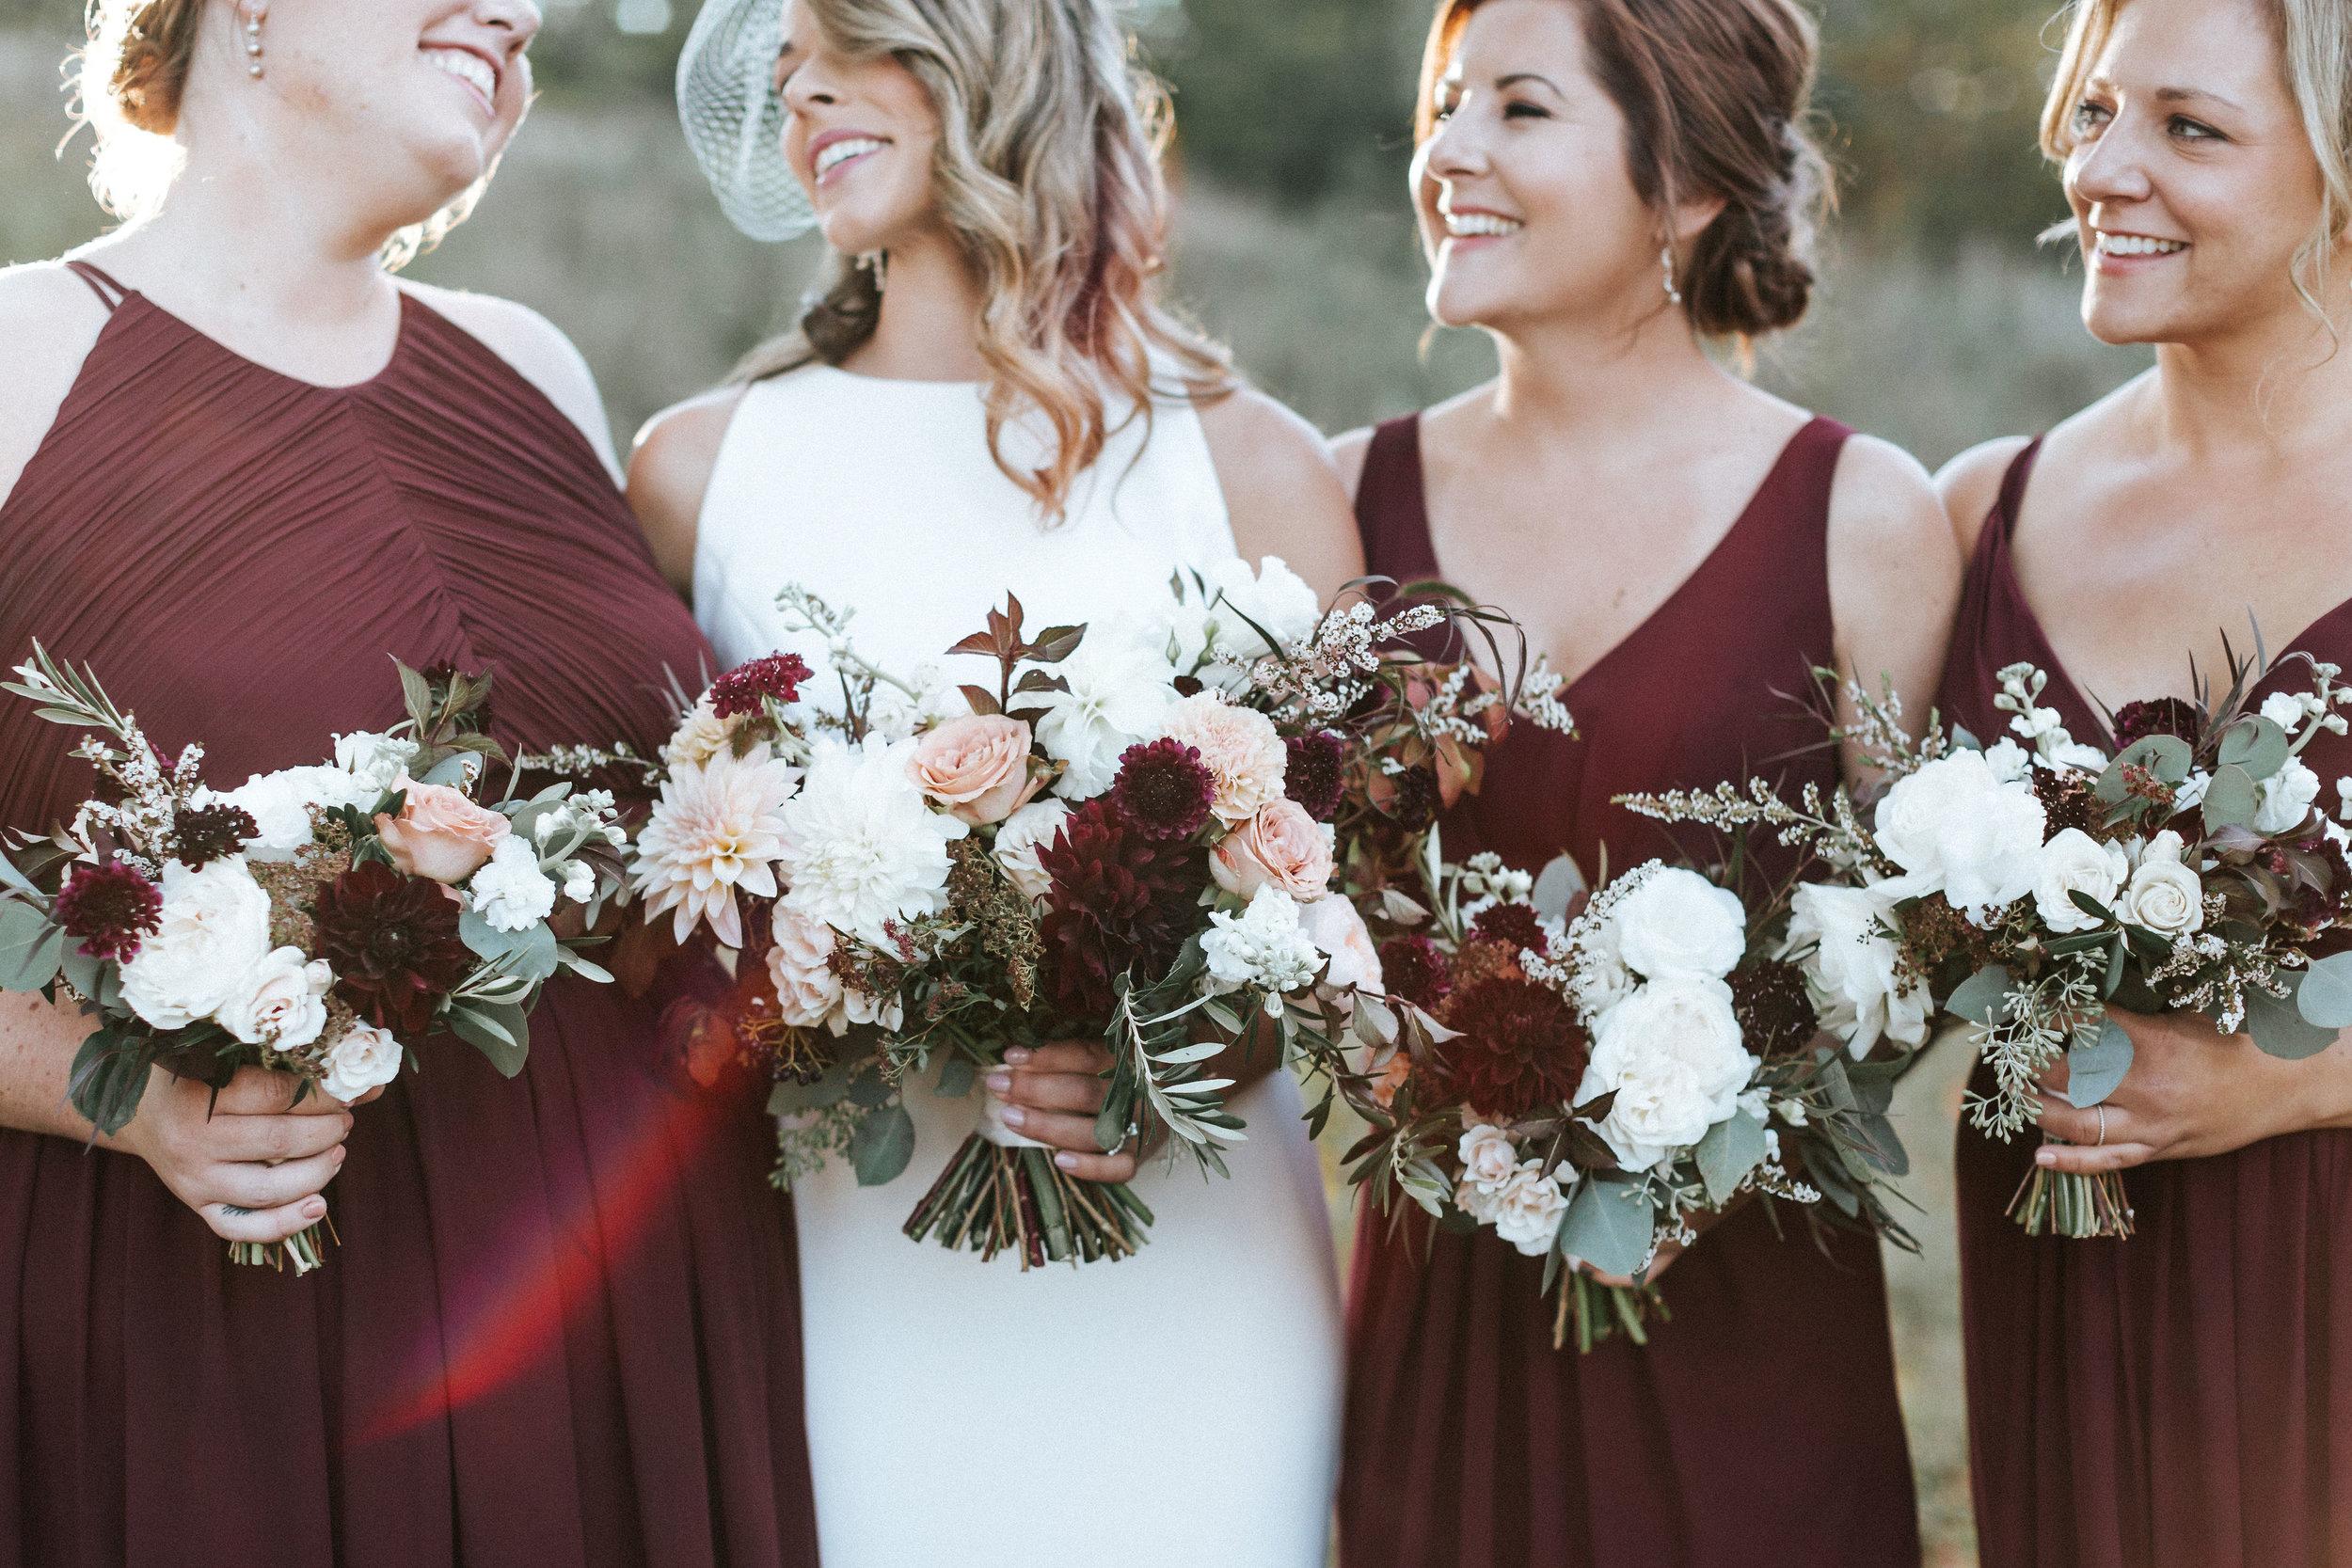 Allie_Greg_Beech_Hill_Barn_Wedding_Portraits-232.jpg